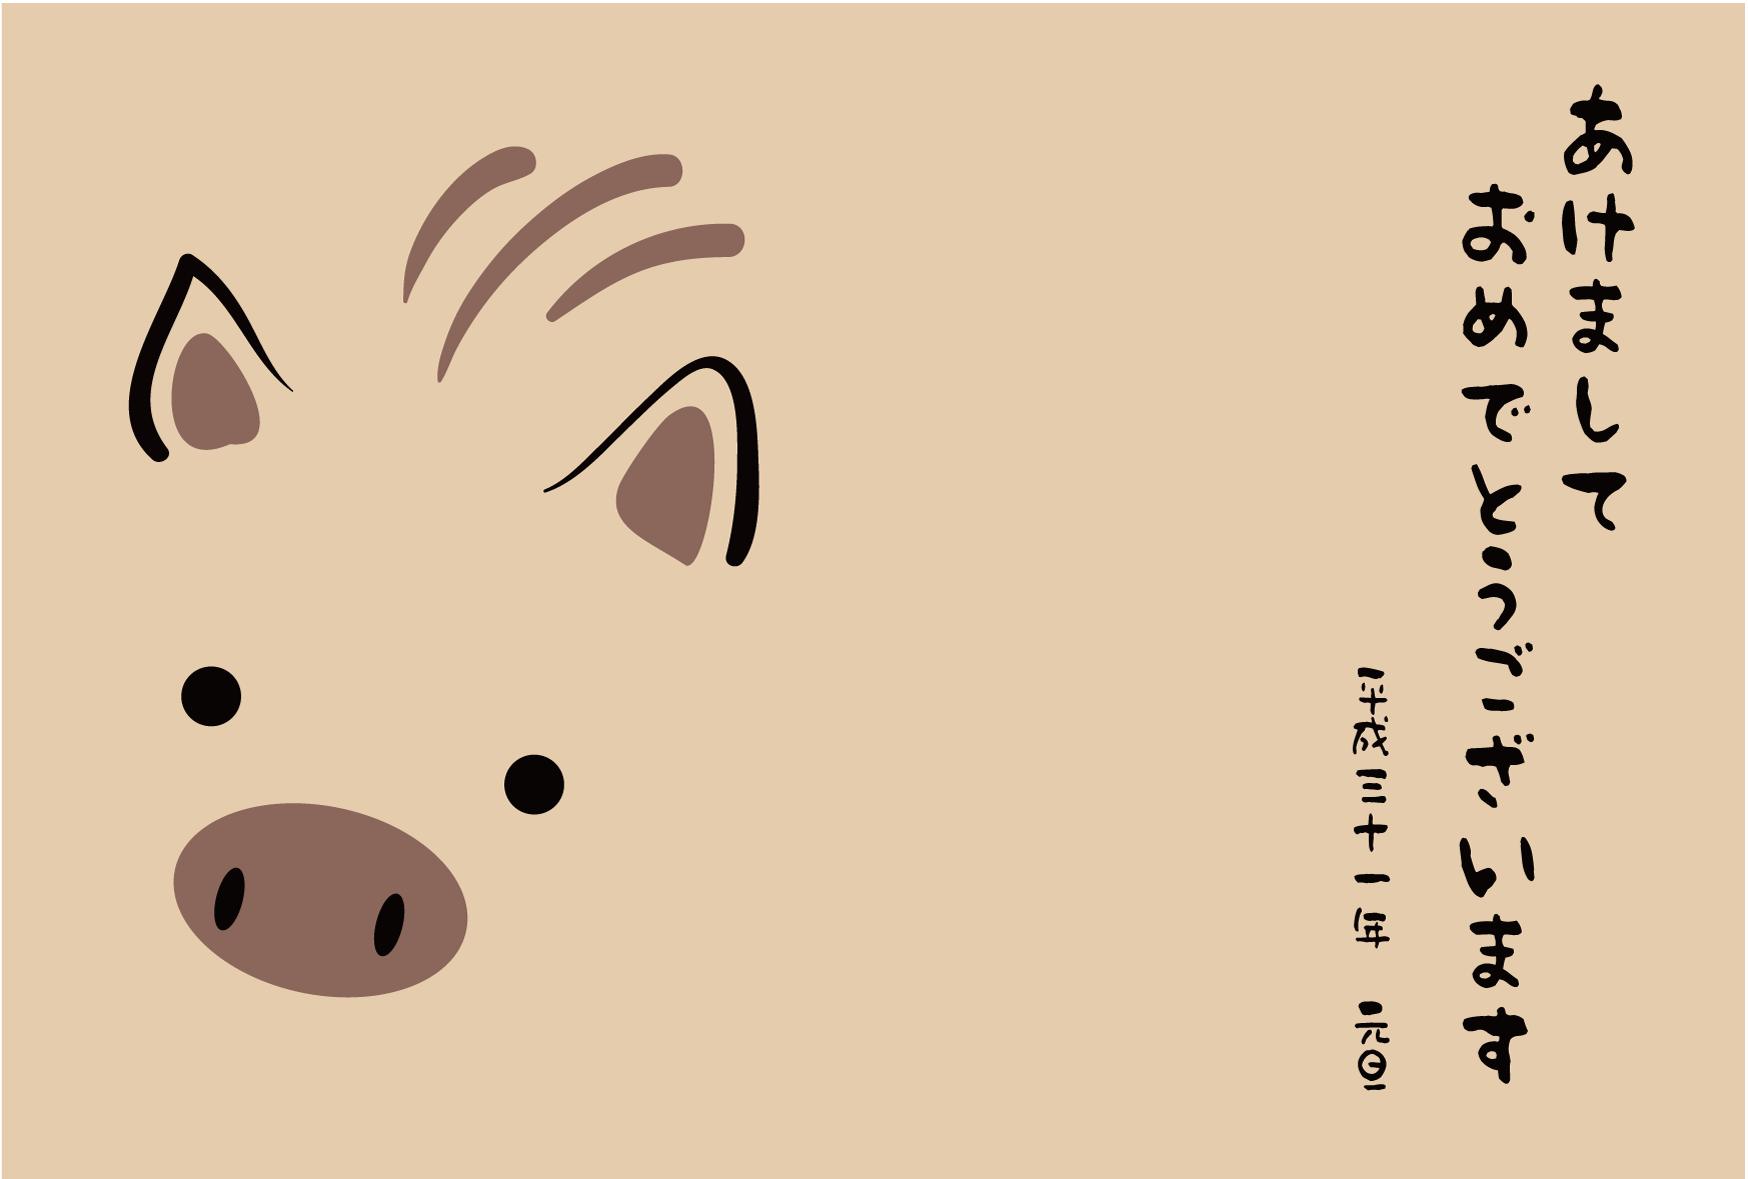 2019イノシシ亥さんイラスト年賀状 福井県小浜市のヨコハマヤ